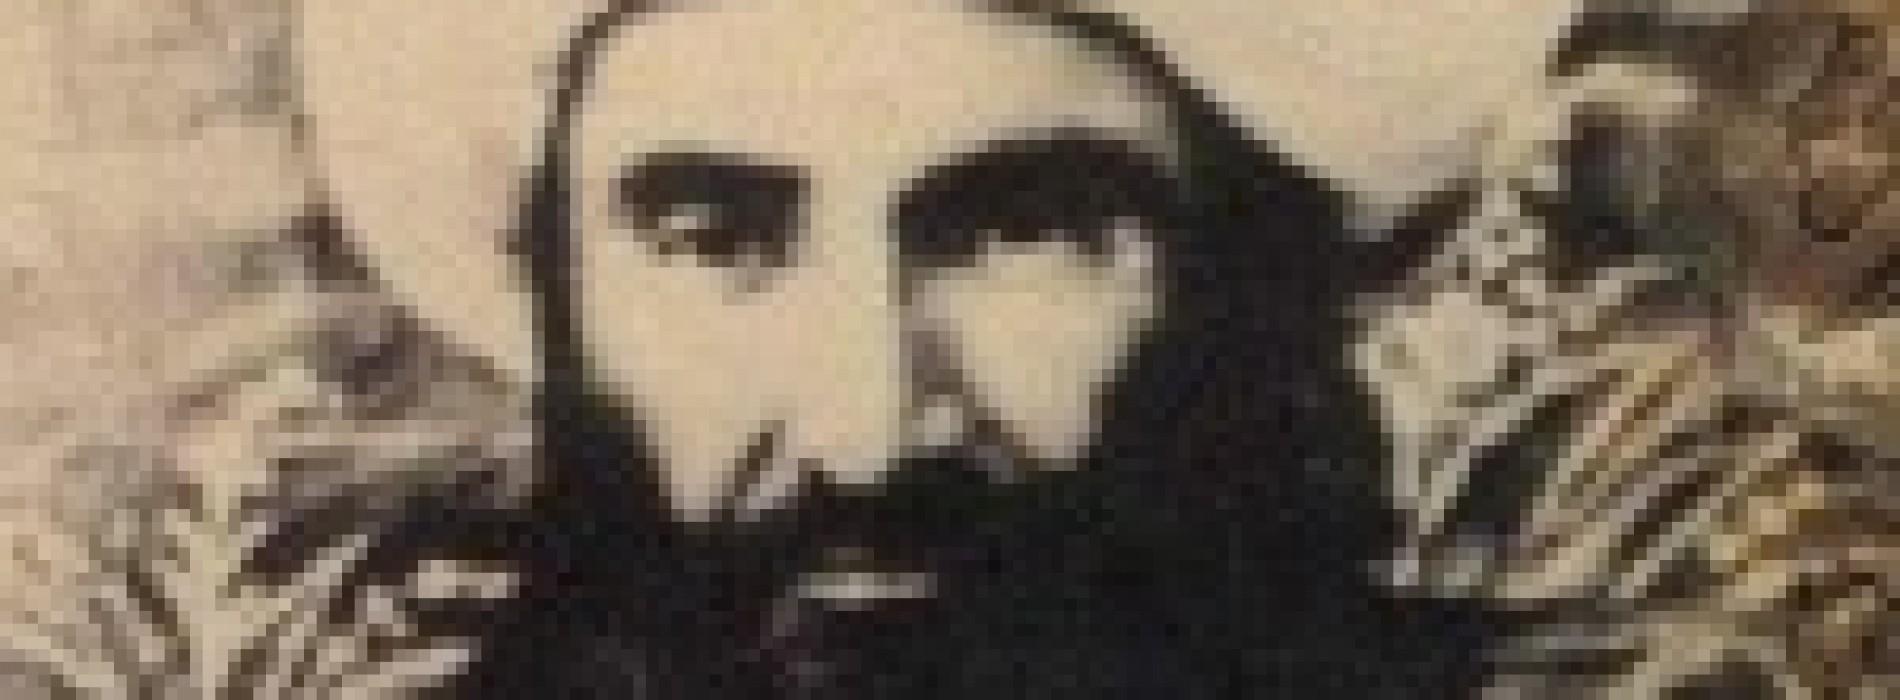 Mullah Ahmad Naraqi